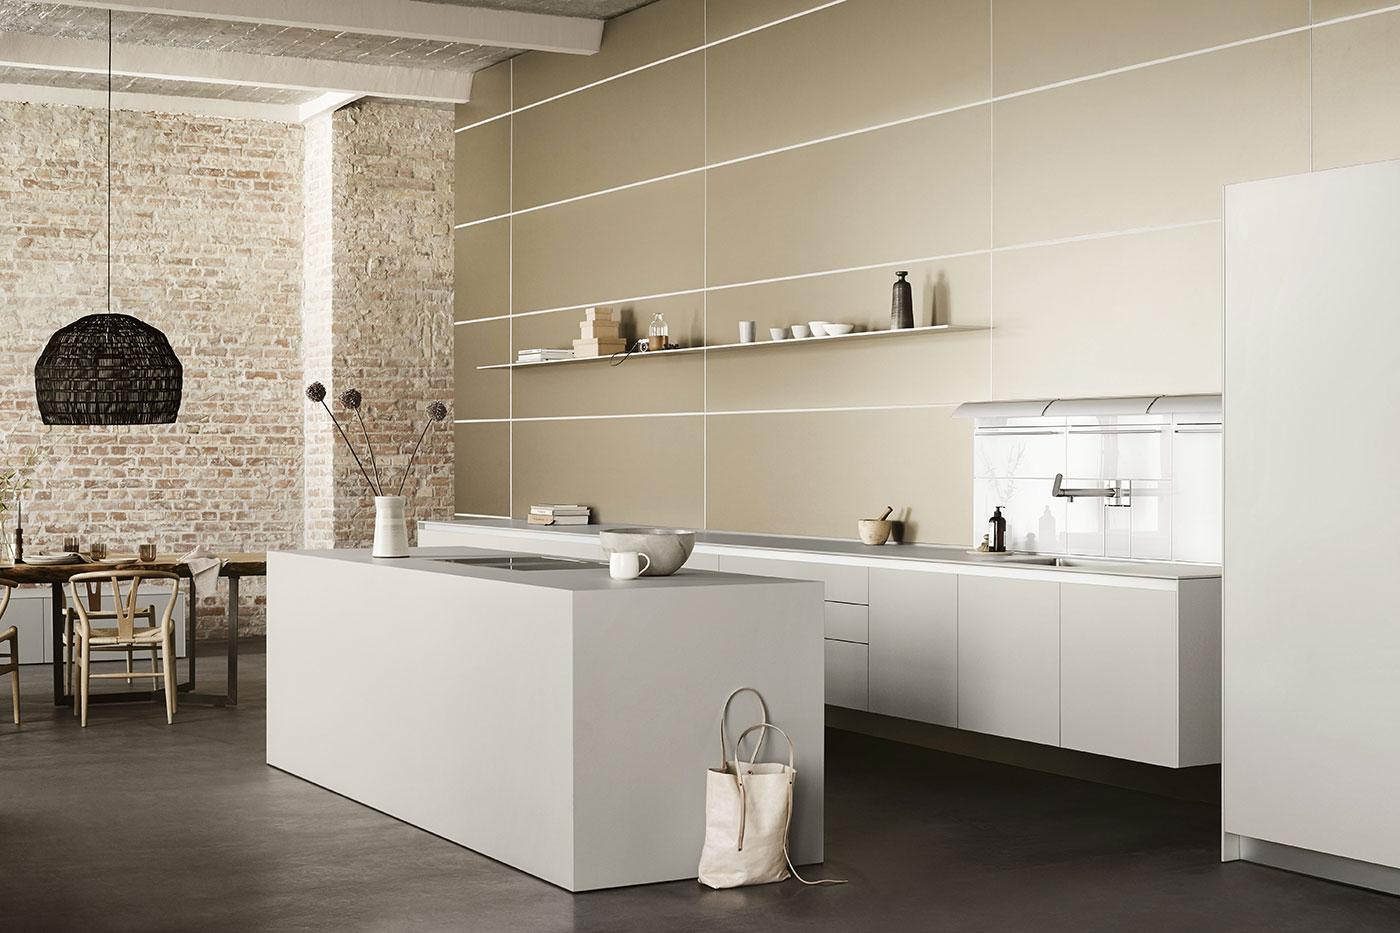 Obegi Home Bulthaup Kitchens b3 BE 2015 005